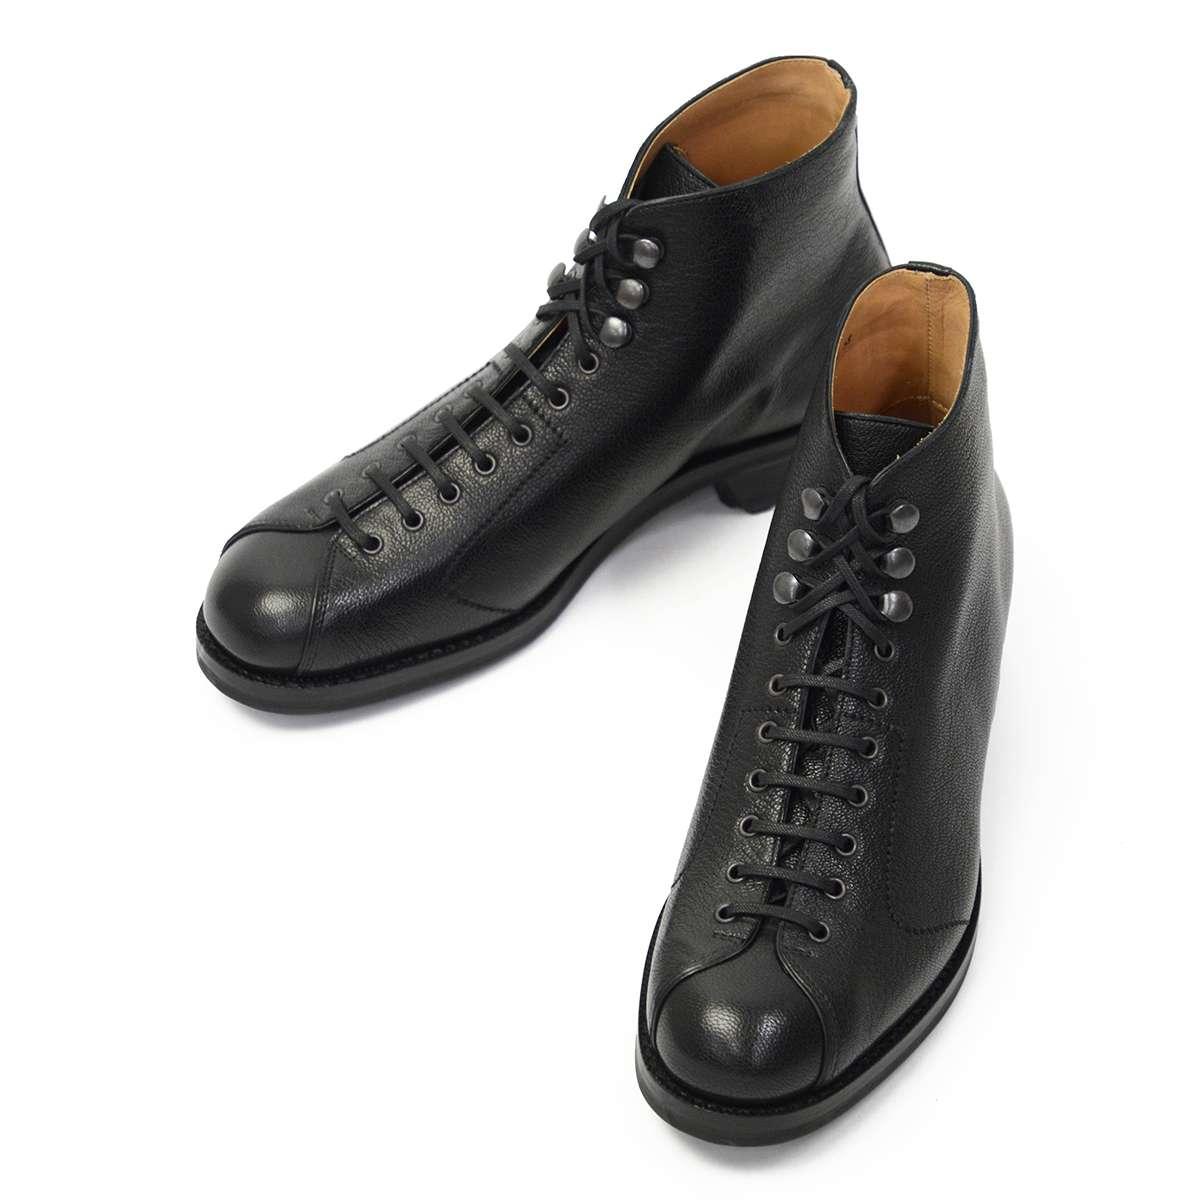 F.LLI Giacometti【フラテッリ ジャコメッティ】モンキーブーツ FG496 ゴートスキン ブラック